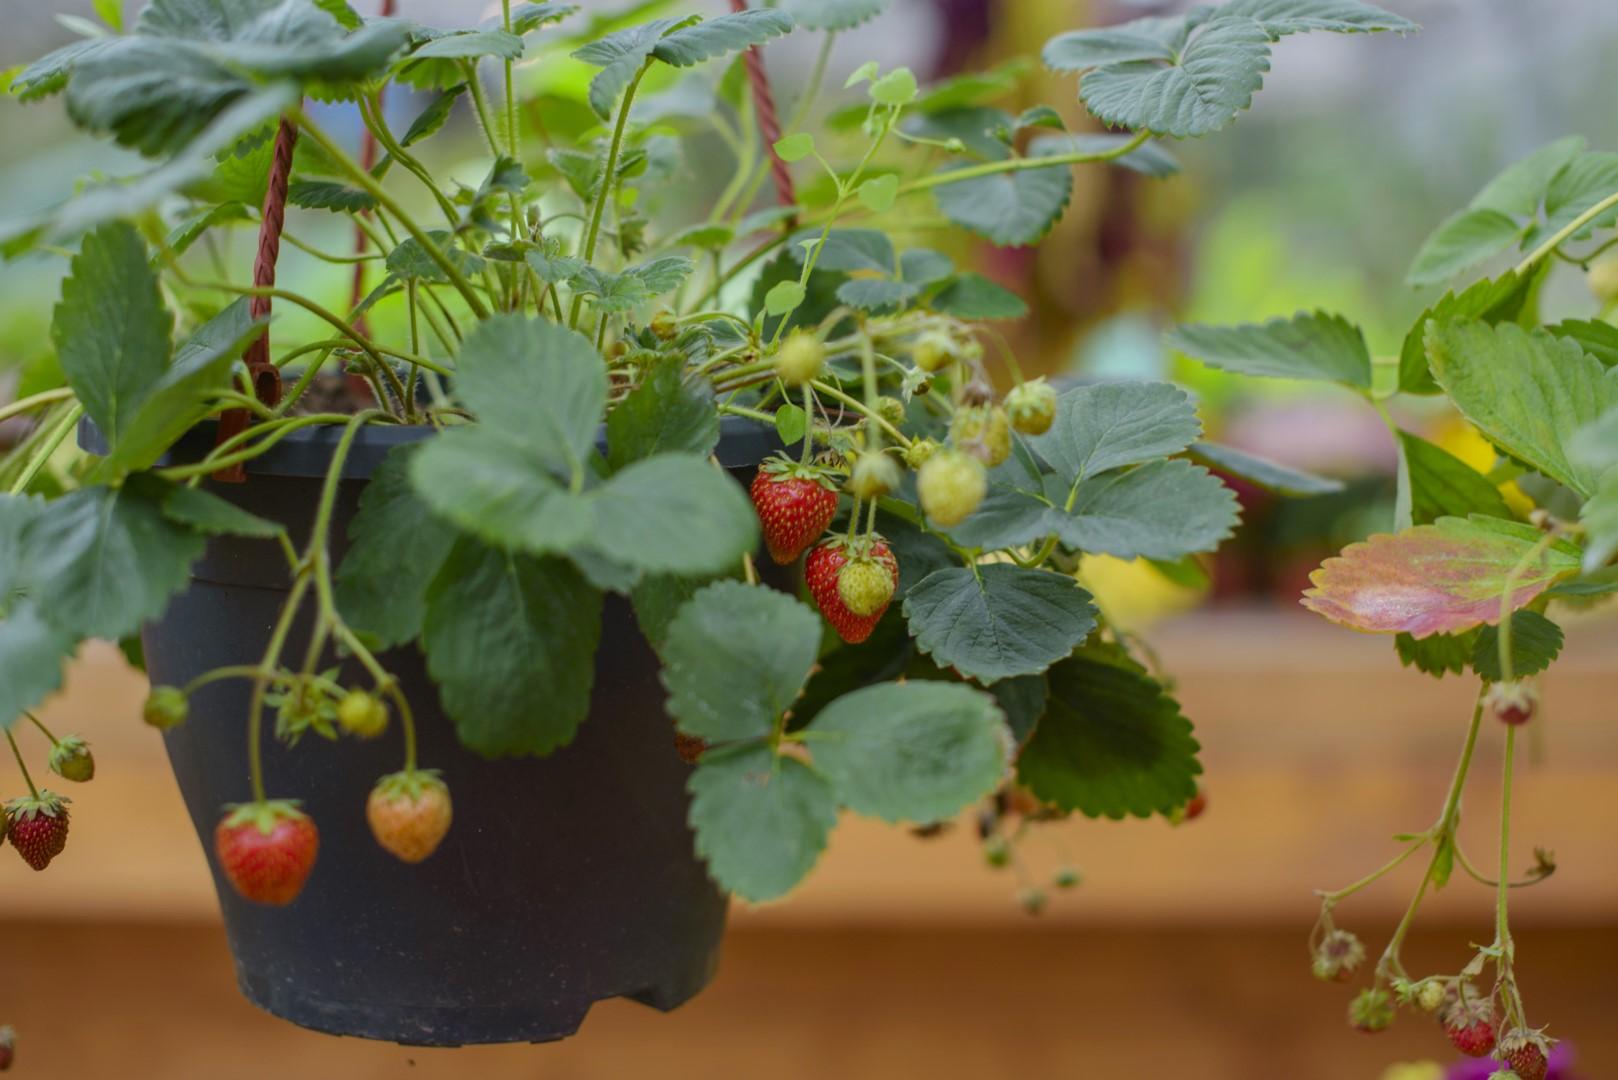 Tak Uprawiamy Truskawki Z Doniczki Mój Piękny Ogród